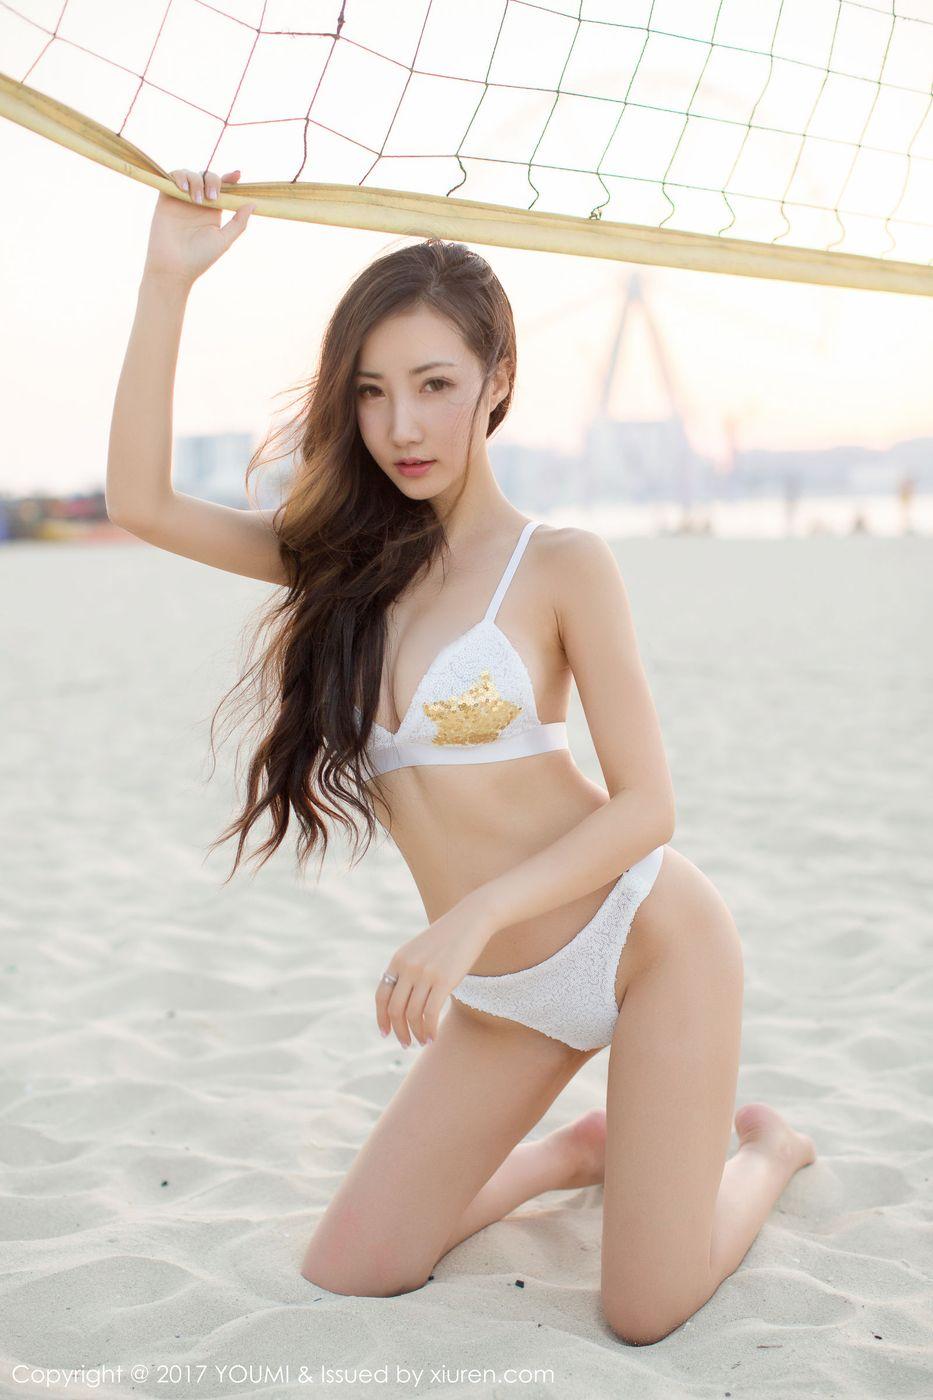 【写真集】【尤美】人体艺术女神尤美迪拜海滩比基尼风骚诱人写真图片【37P】 性感内衣